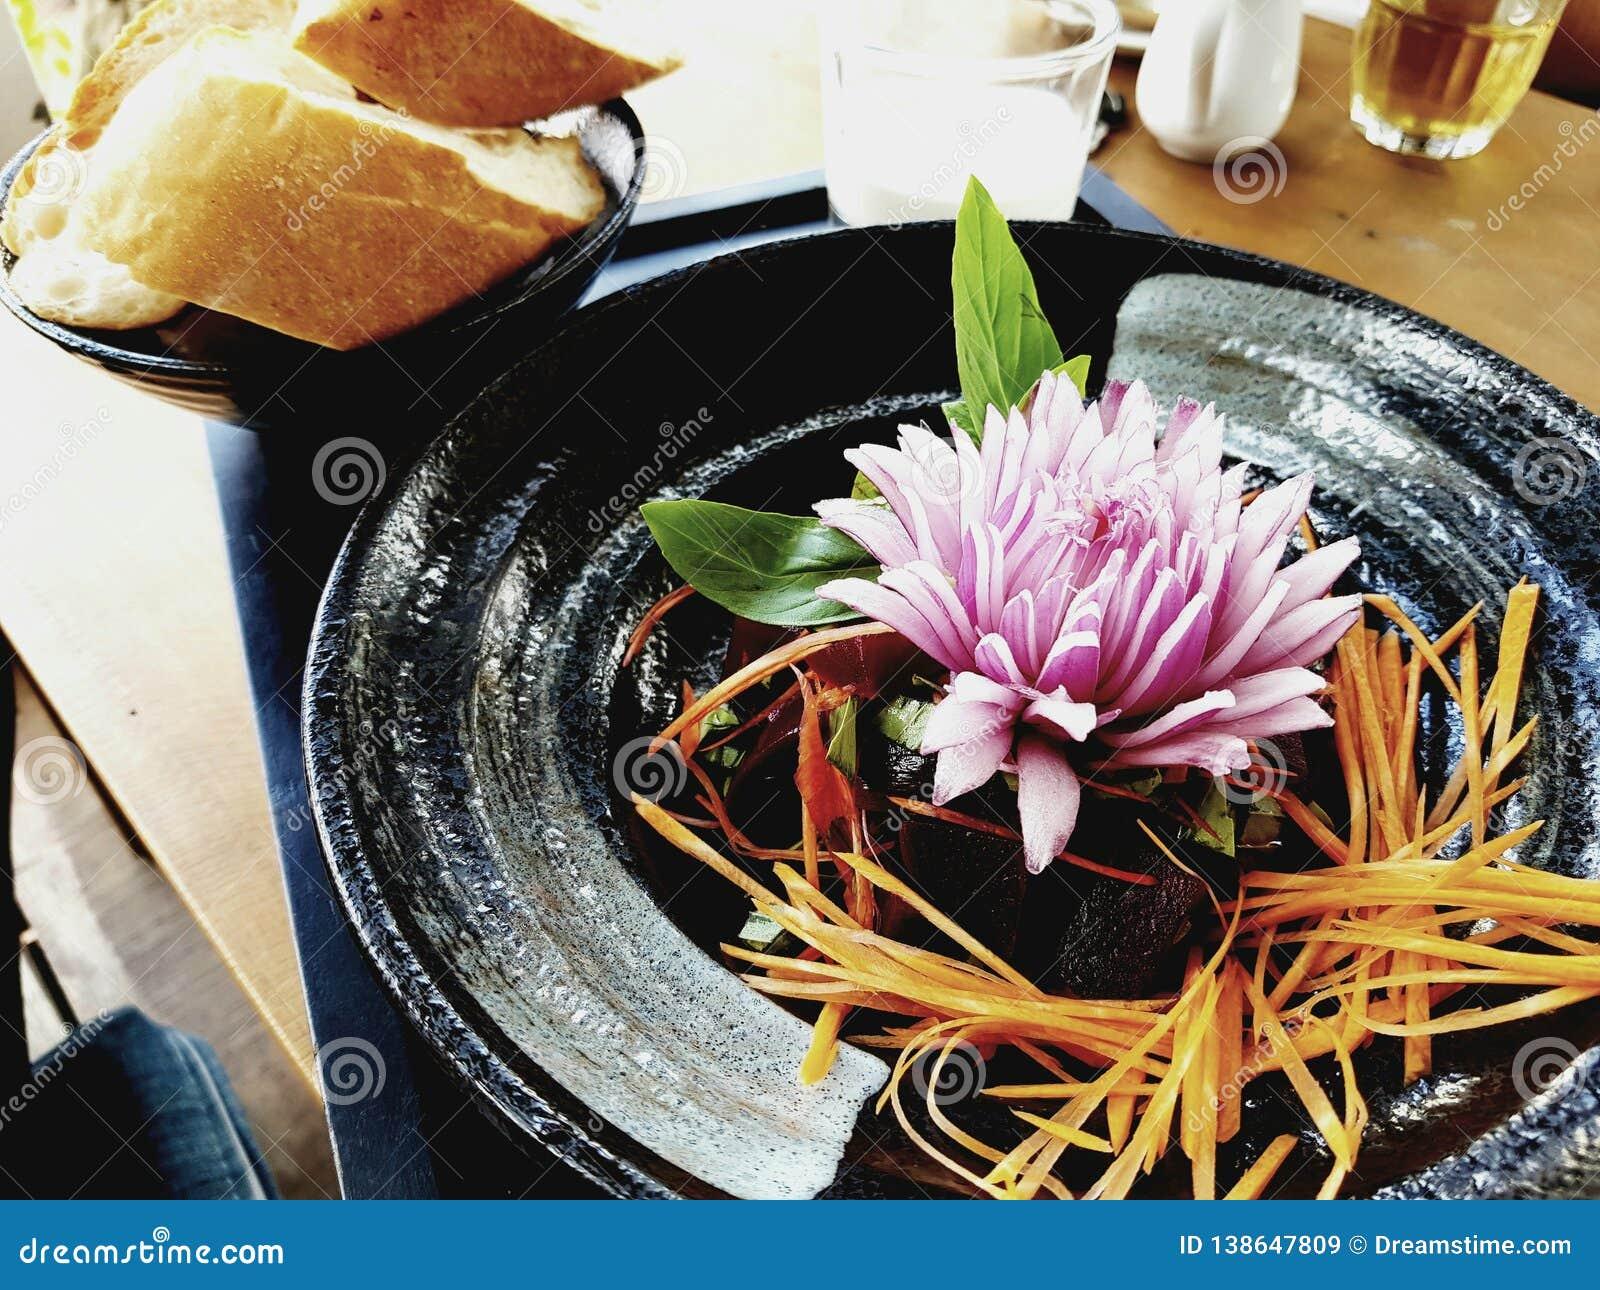 与红萝卜条纹的沙拉盘在有美丽的装饰品的一个黑色的盘子,葱上升了,蓬蒿叶子和长方形宝石